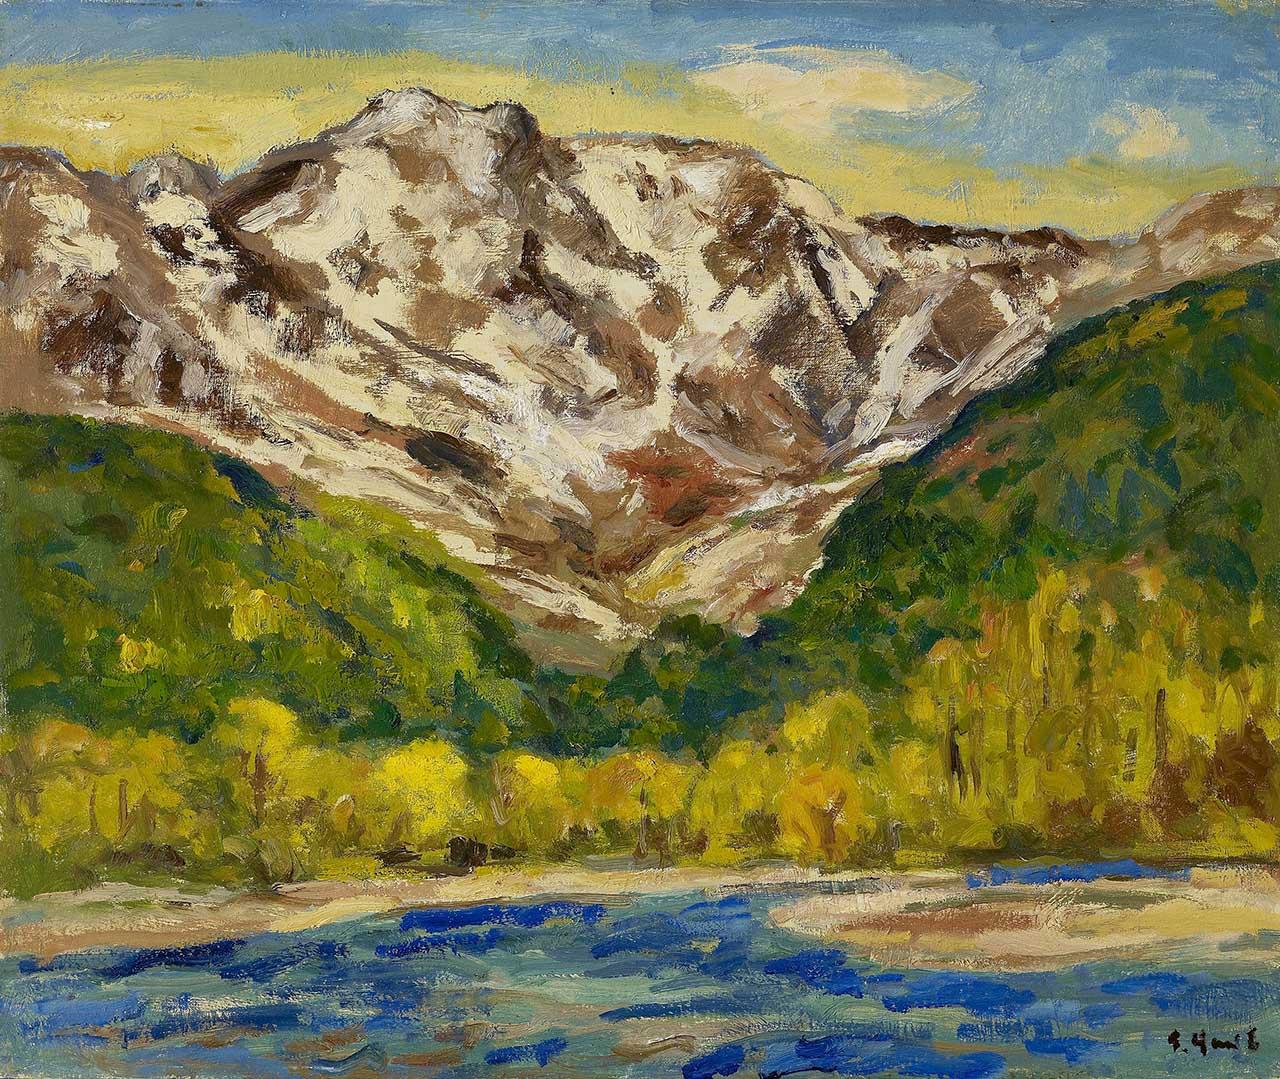 雪山(白马山脚边)60.7x72.5 cm